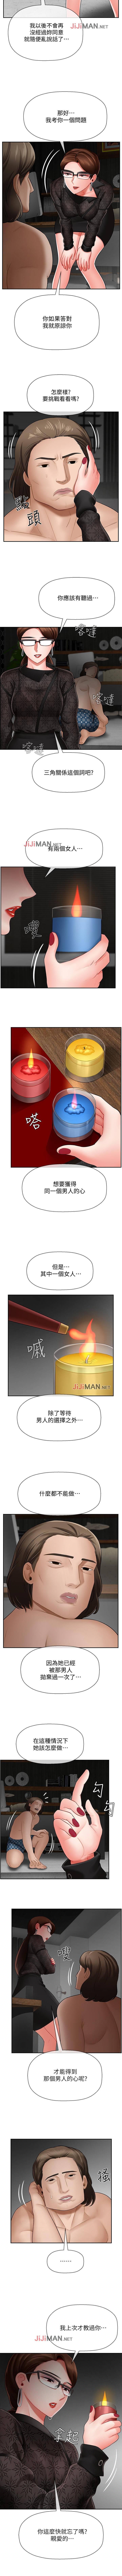 【已休刊】坏老师(作者:朴世談&福) 第1~31话 56